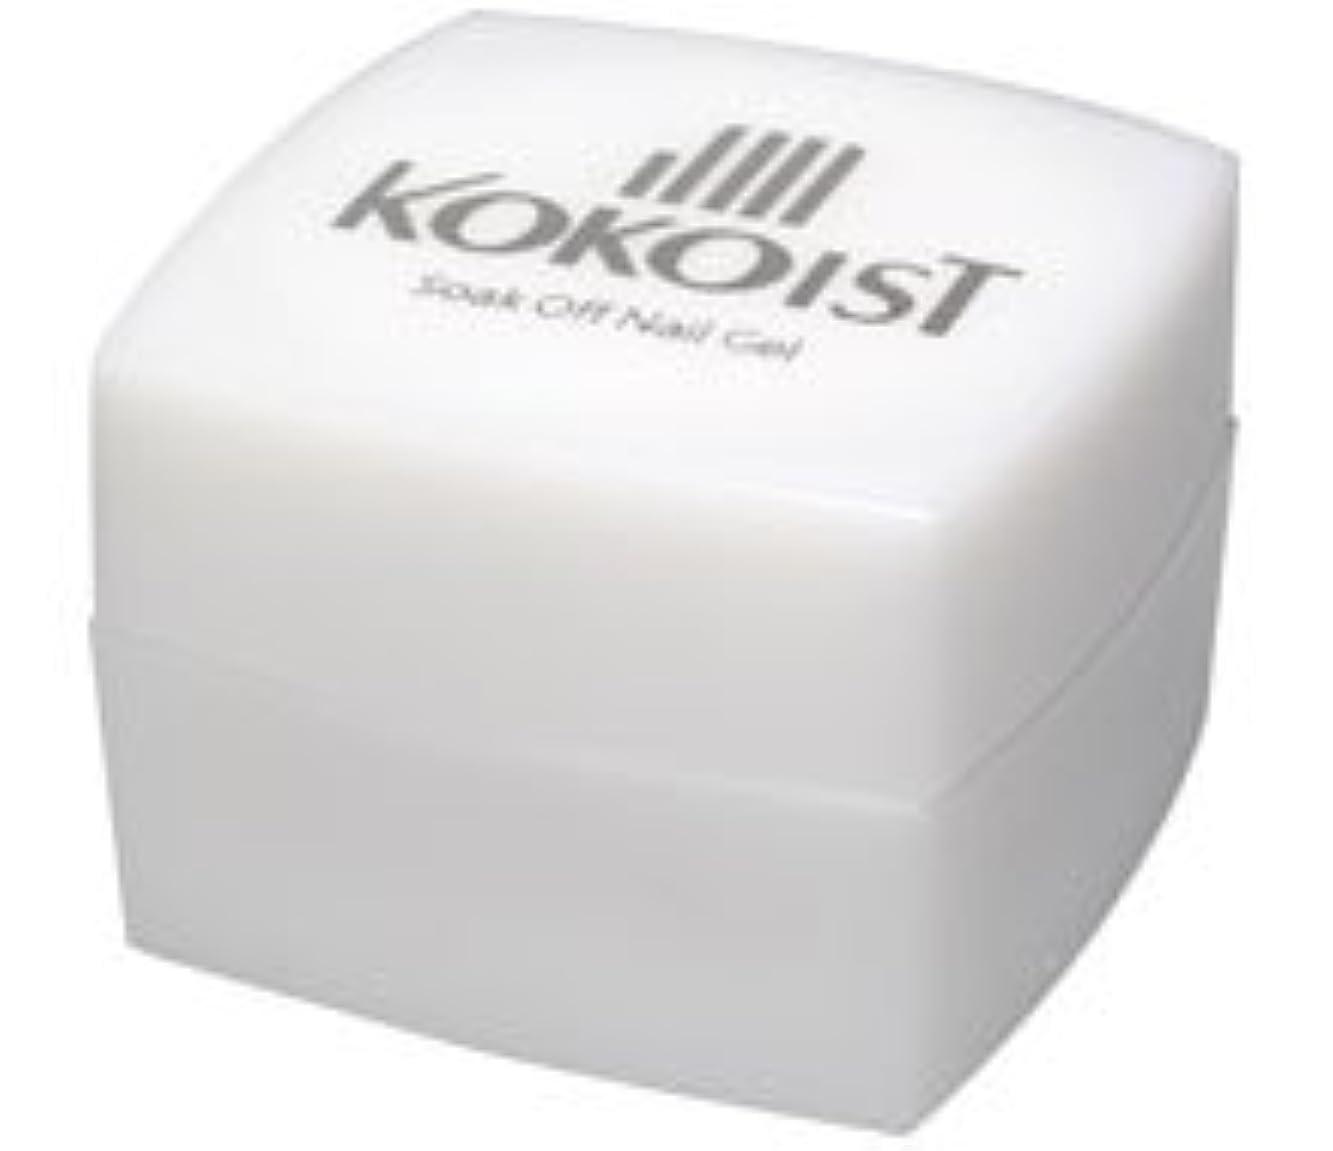 材料不機嫌そうな看板KOKOIST(ココイスト) ソークオフ クリアジェル プラチナボンドII 4g